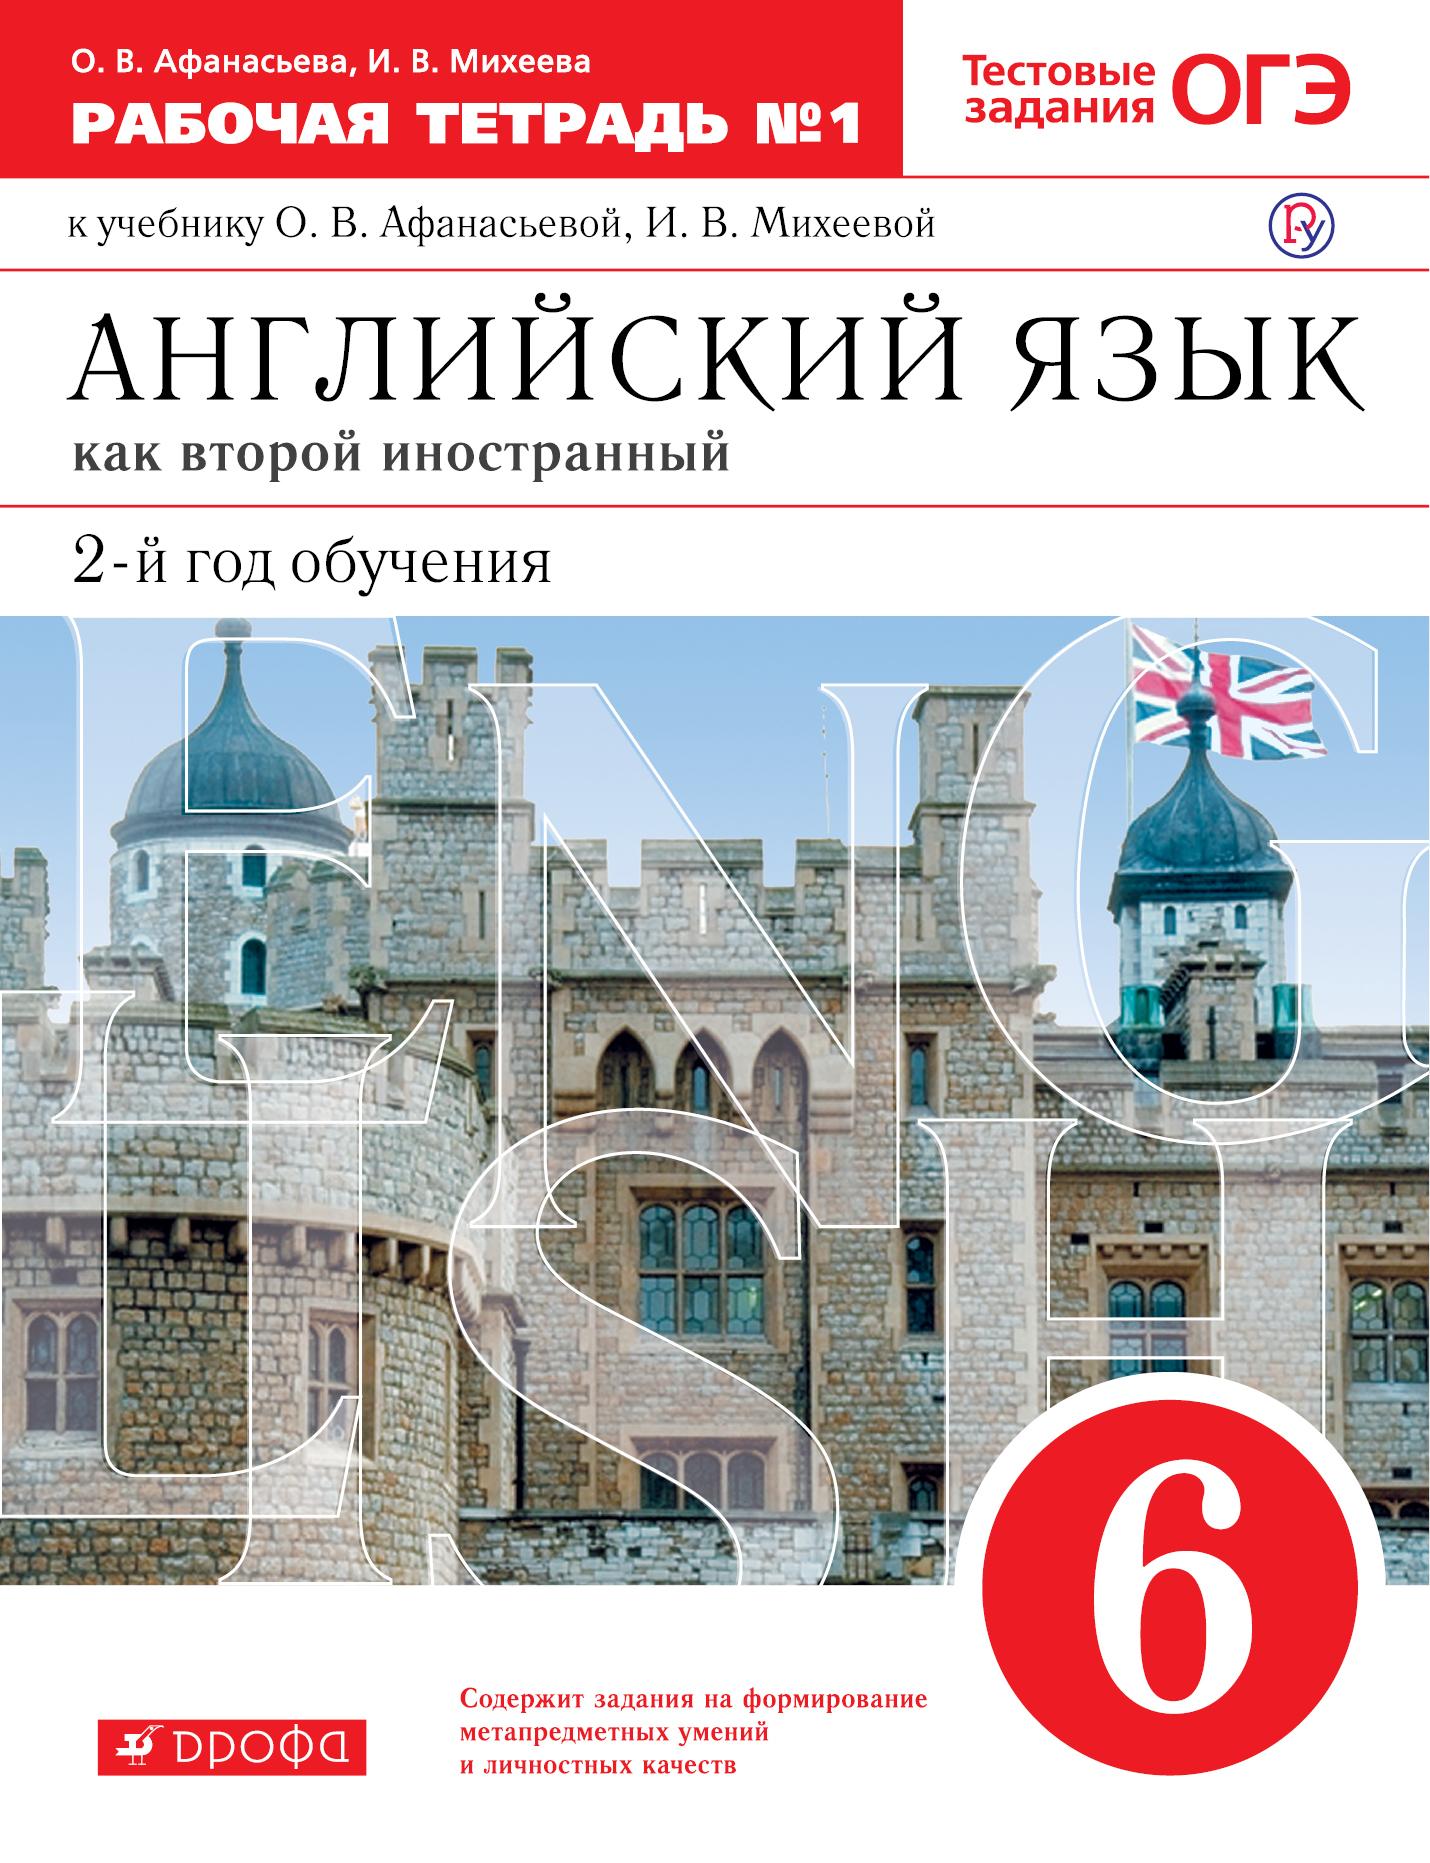 Афанасьева О.В., Михеева И.В. Английский язык как второй иностранный: второй год обучения. 6 класс. Рабочая тетрадь в 2-х частях. Часть 1